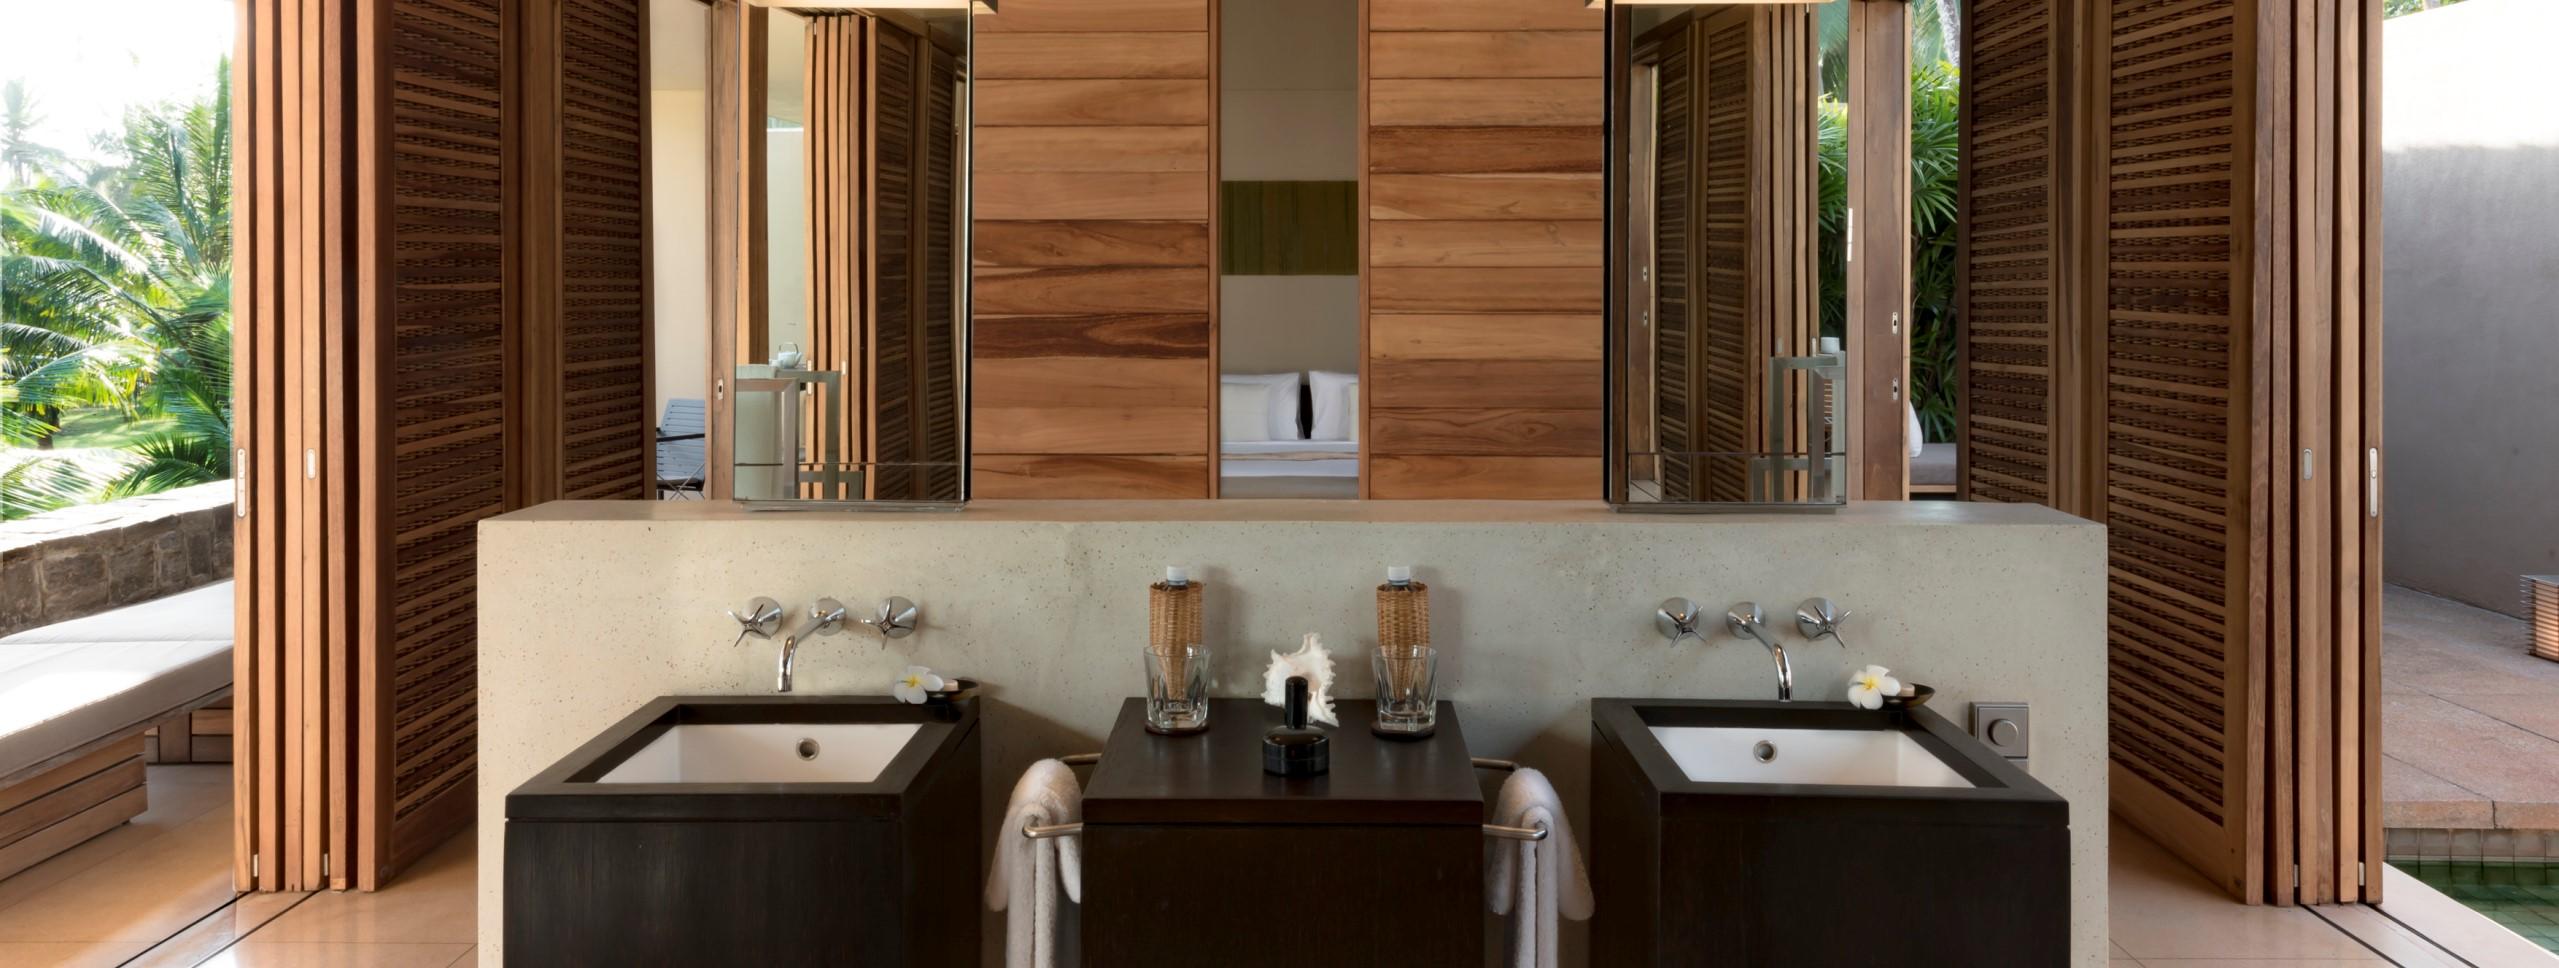 Amanwella-Sri-Lanka-luxury-suite